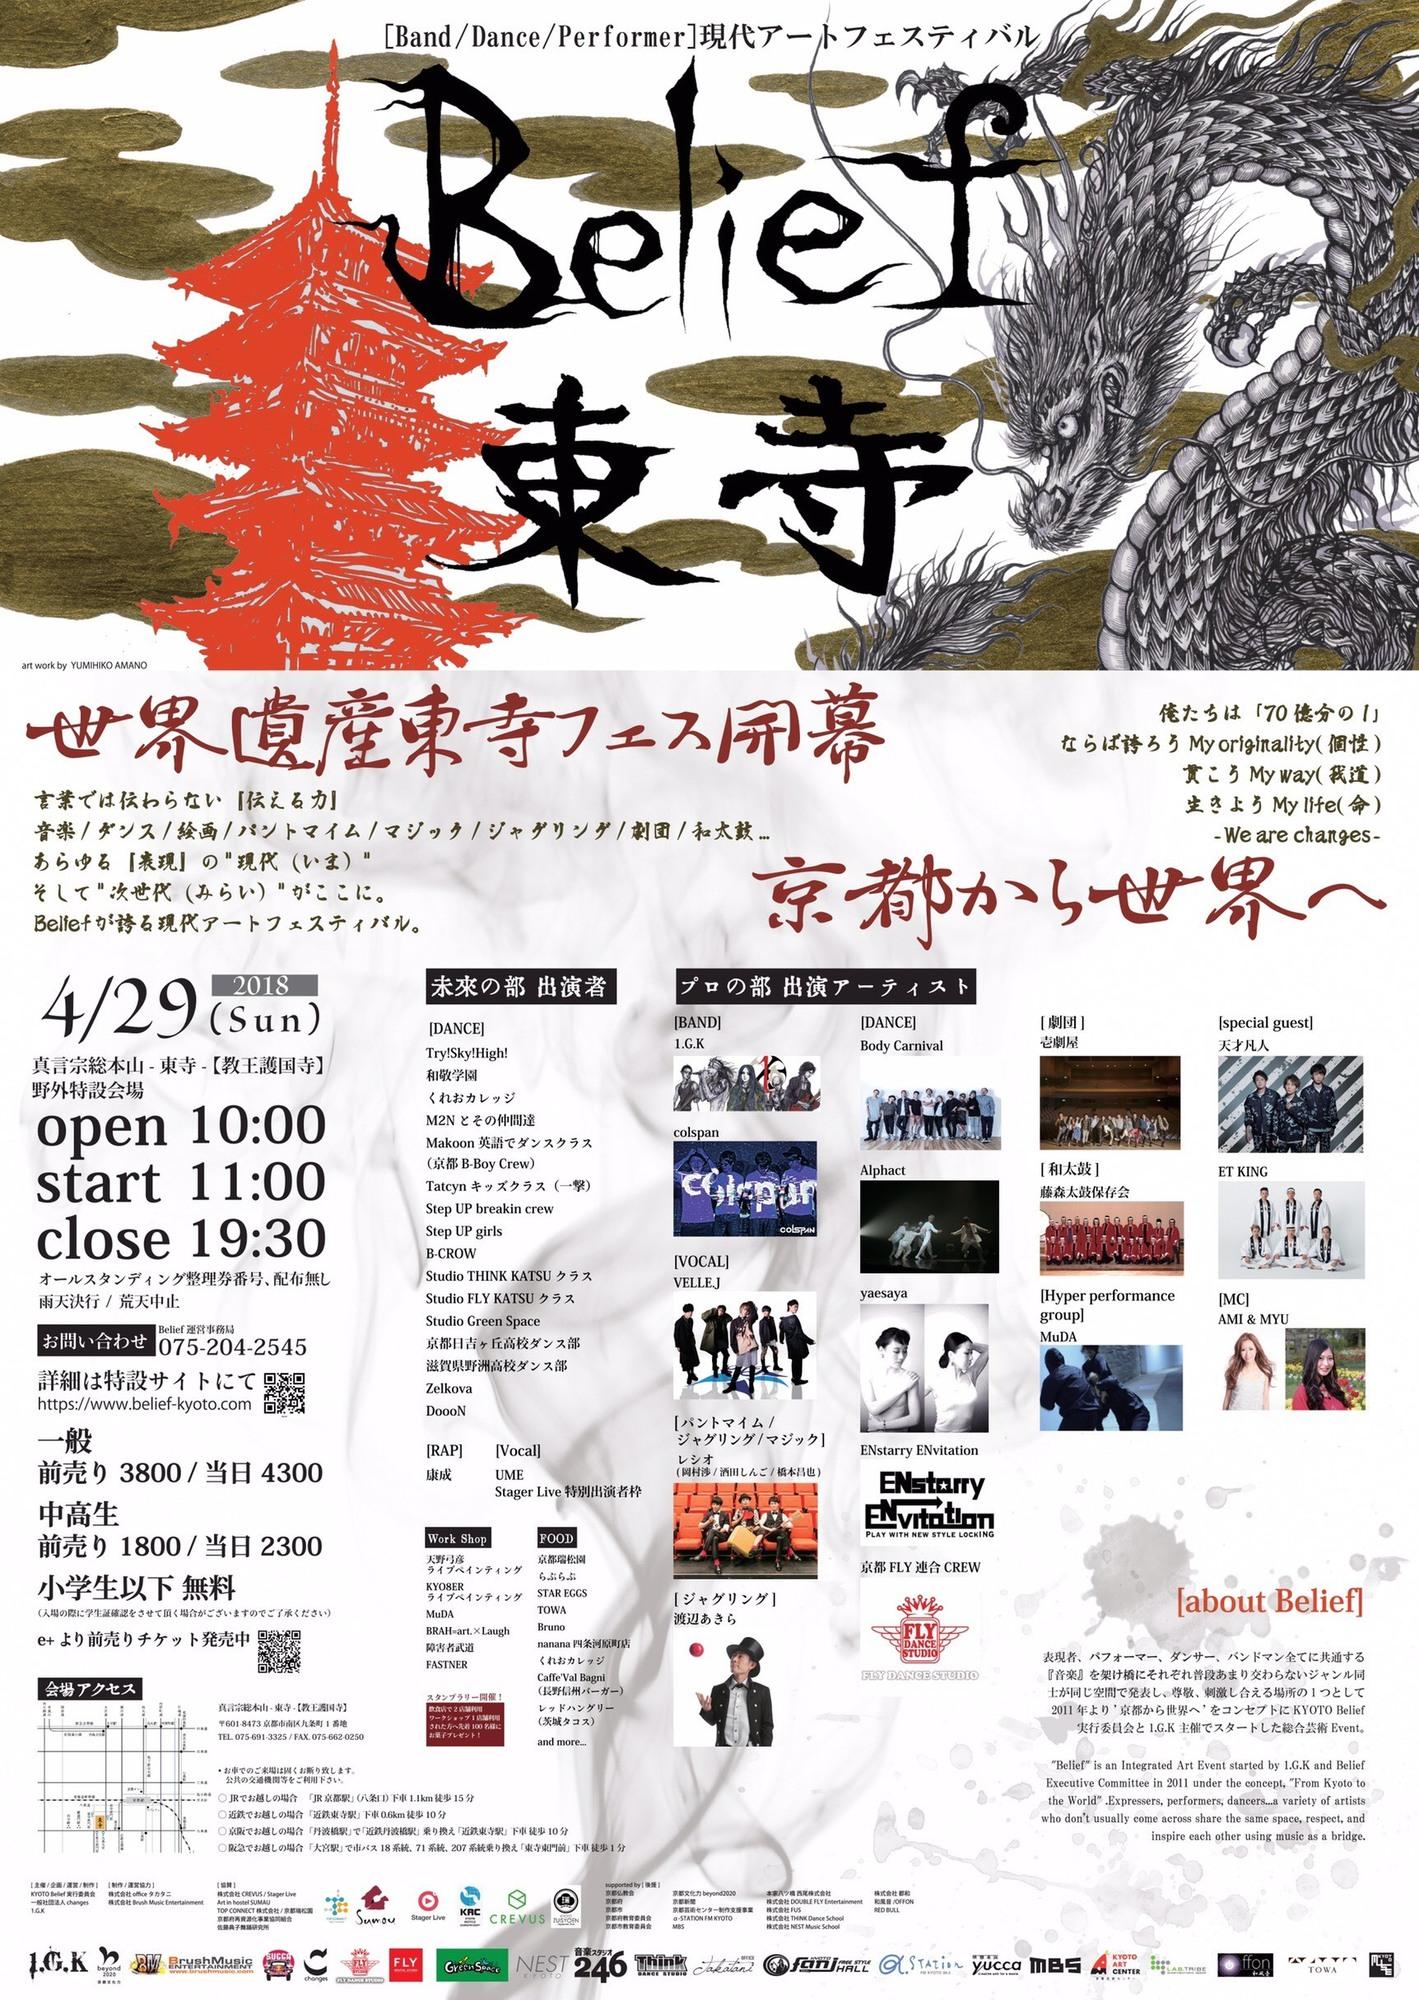 総合art event belief 世界遺産 東寺 fes 京都から世界へ 京都